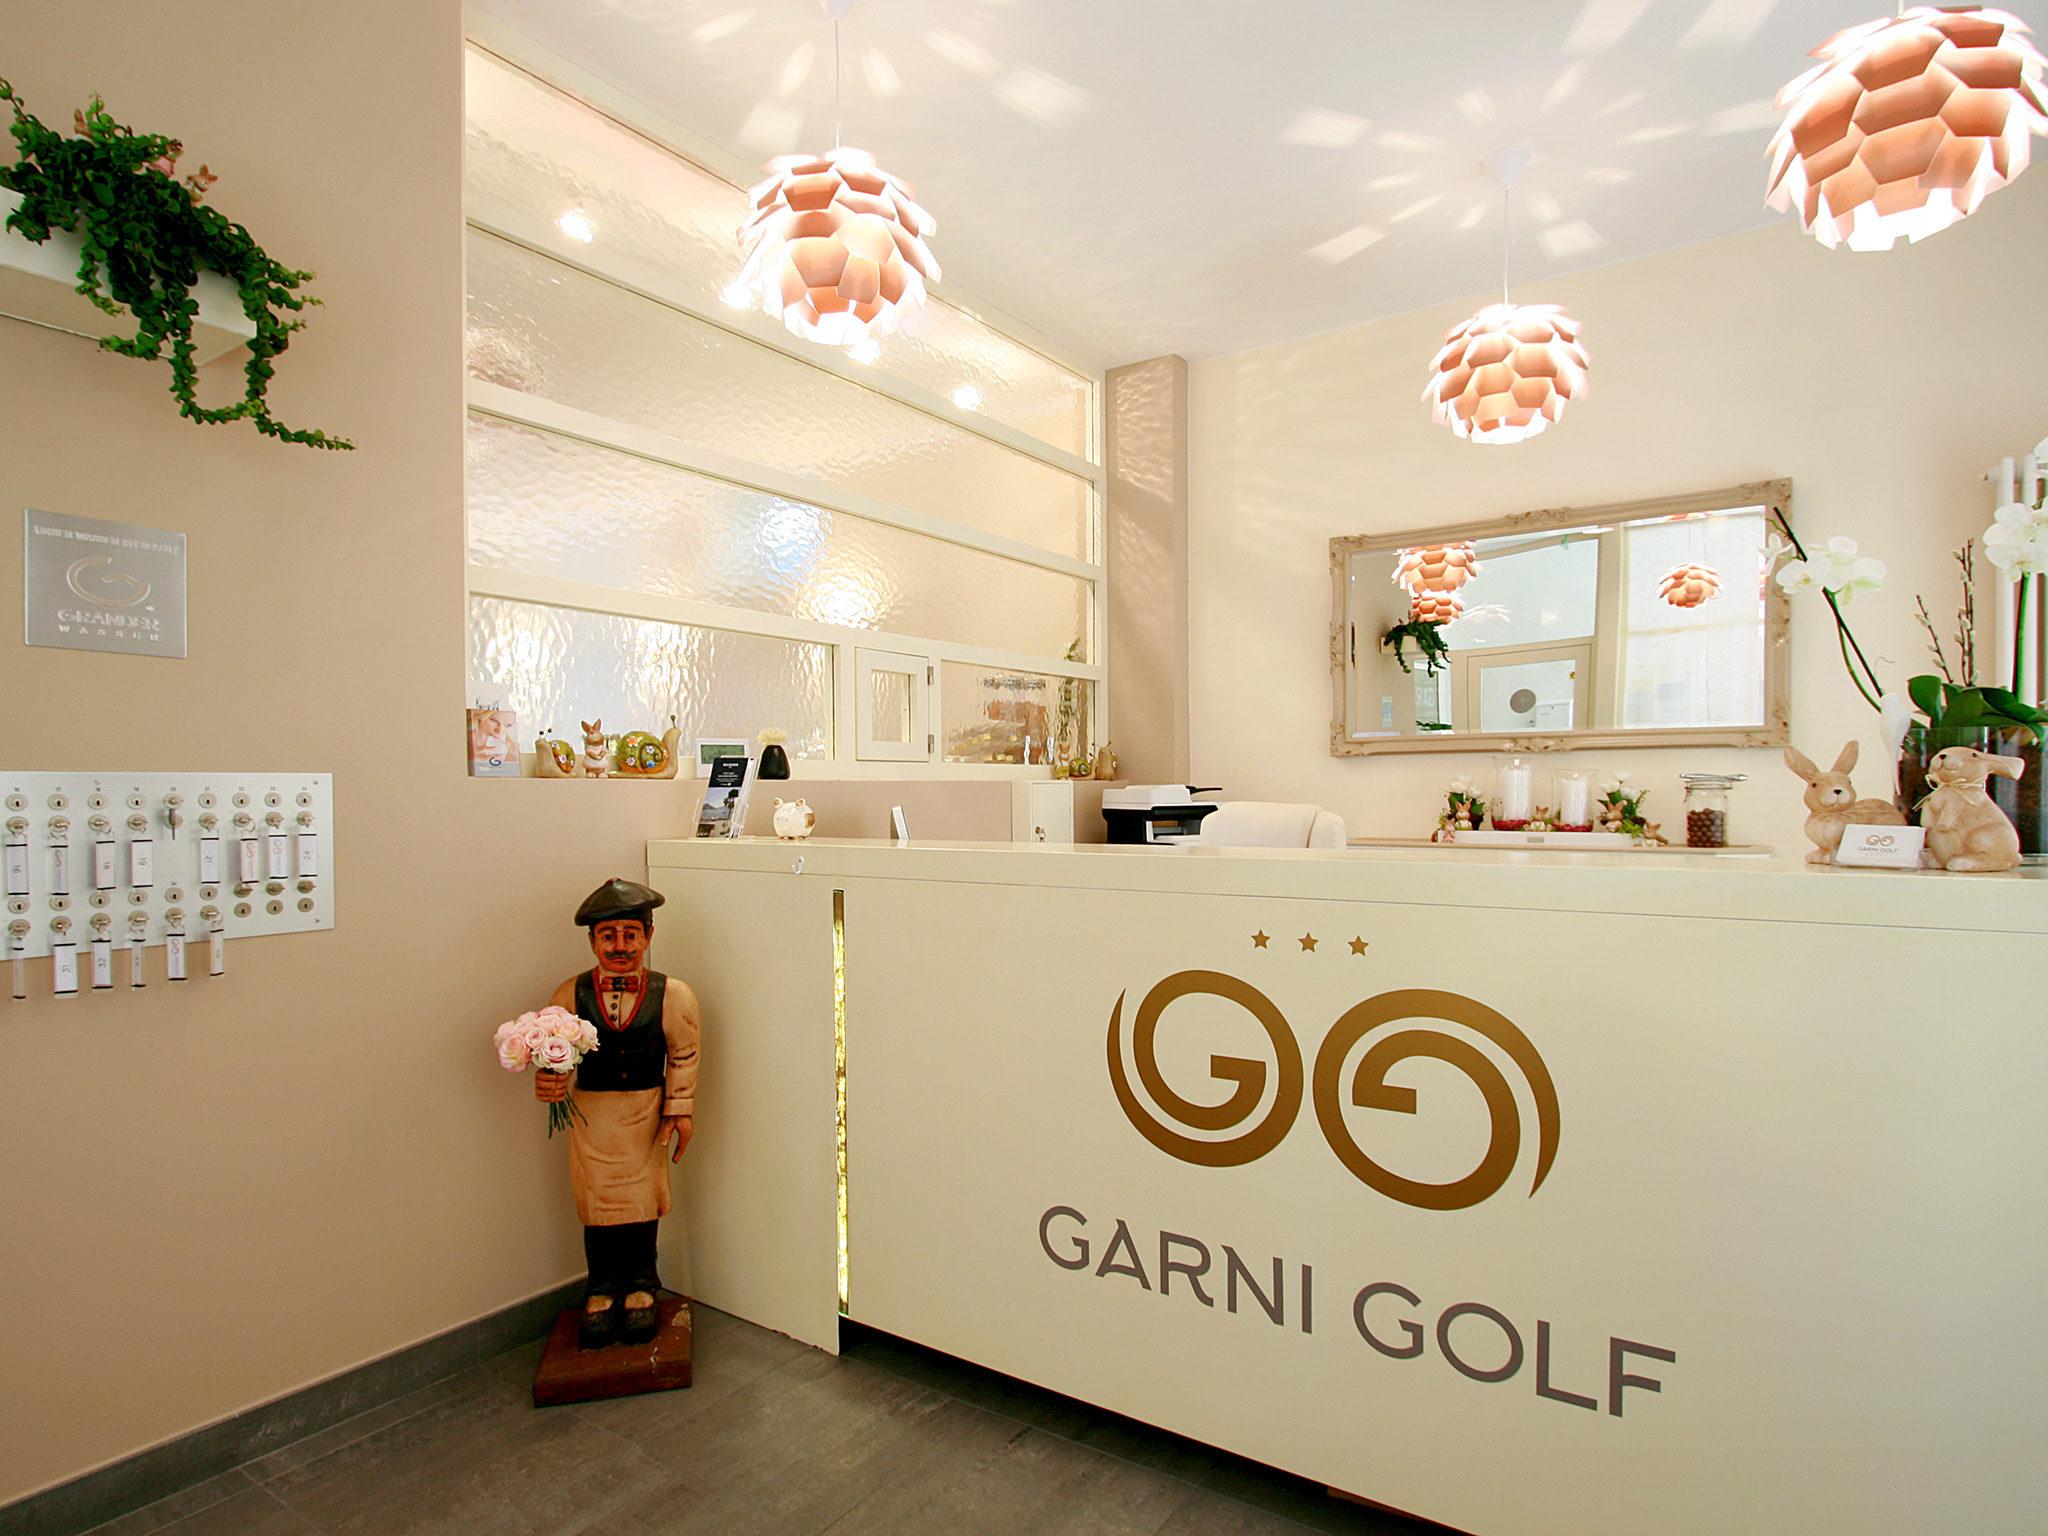 Garni Golf Camere Hotel Garni Golf Ascona Lago Maggiore